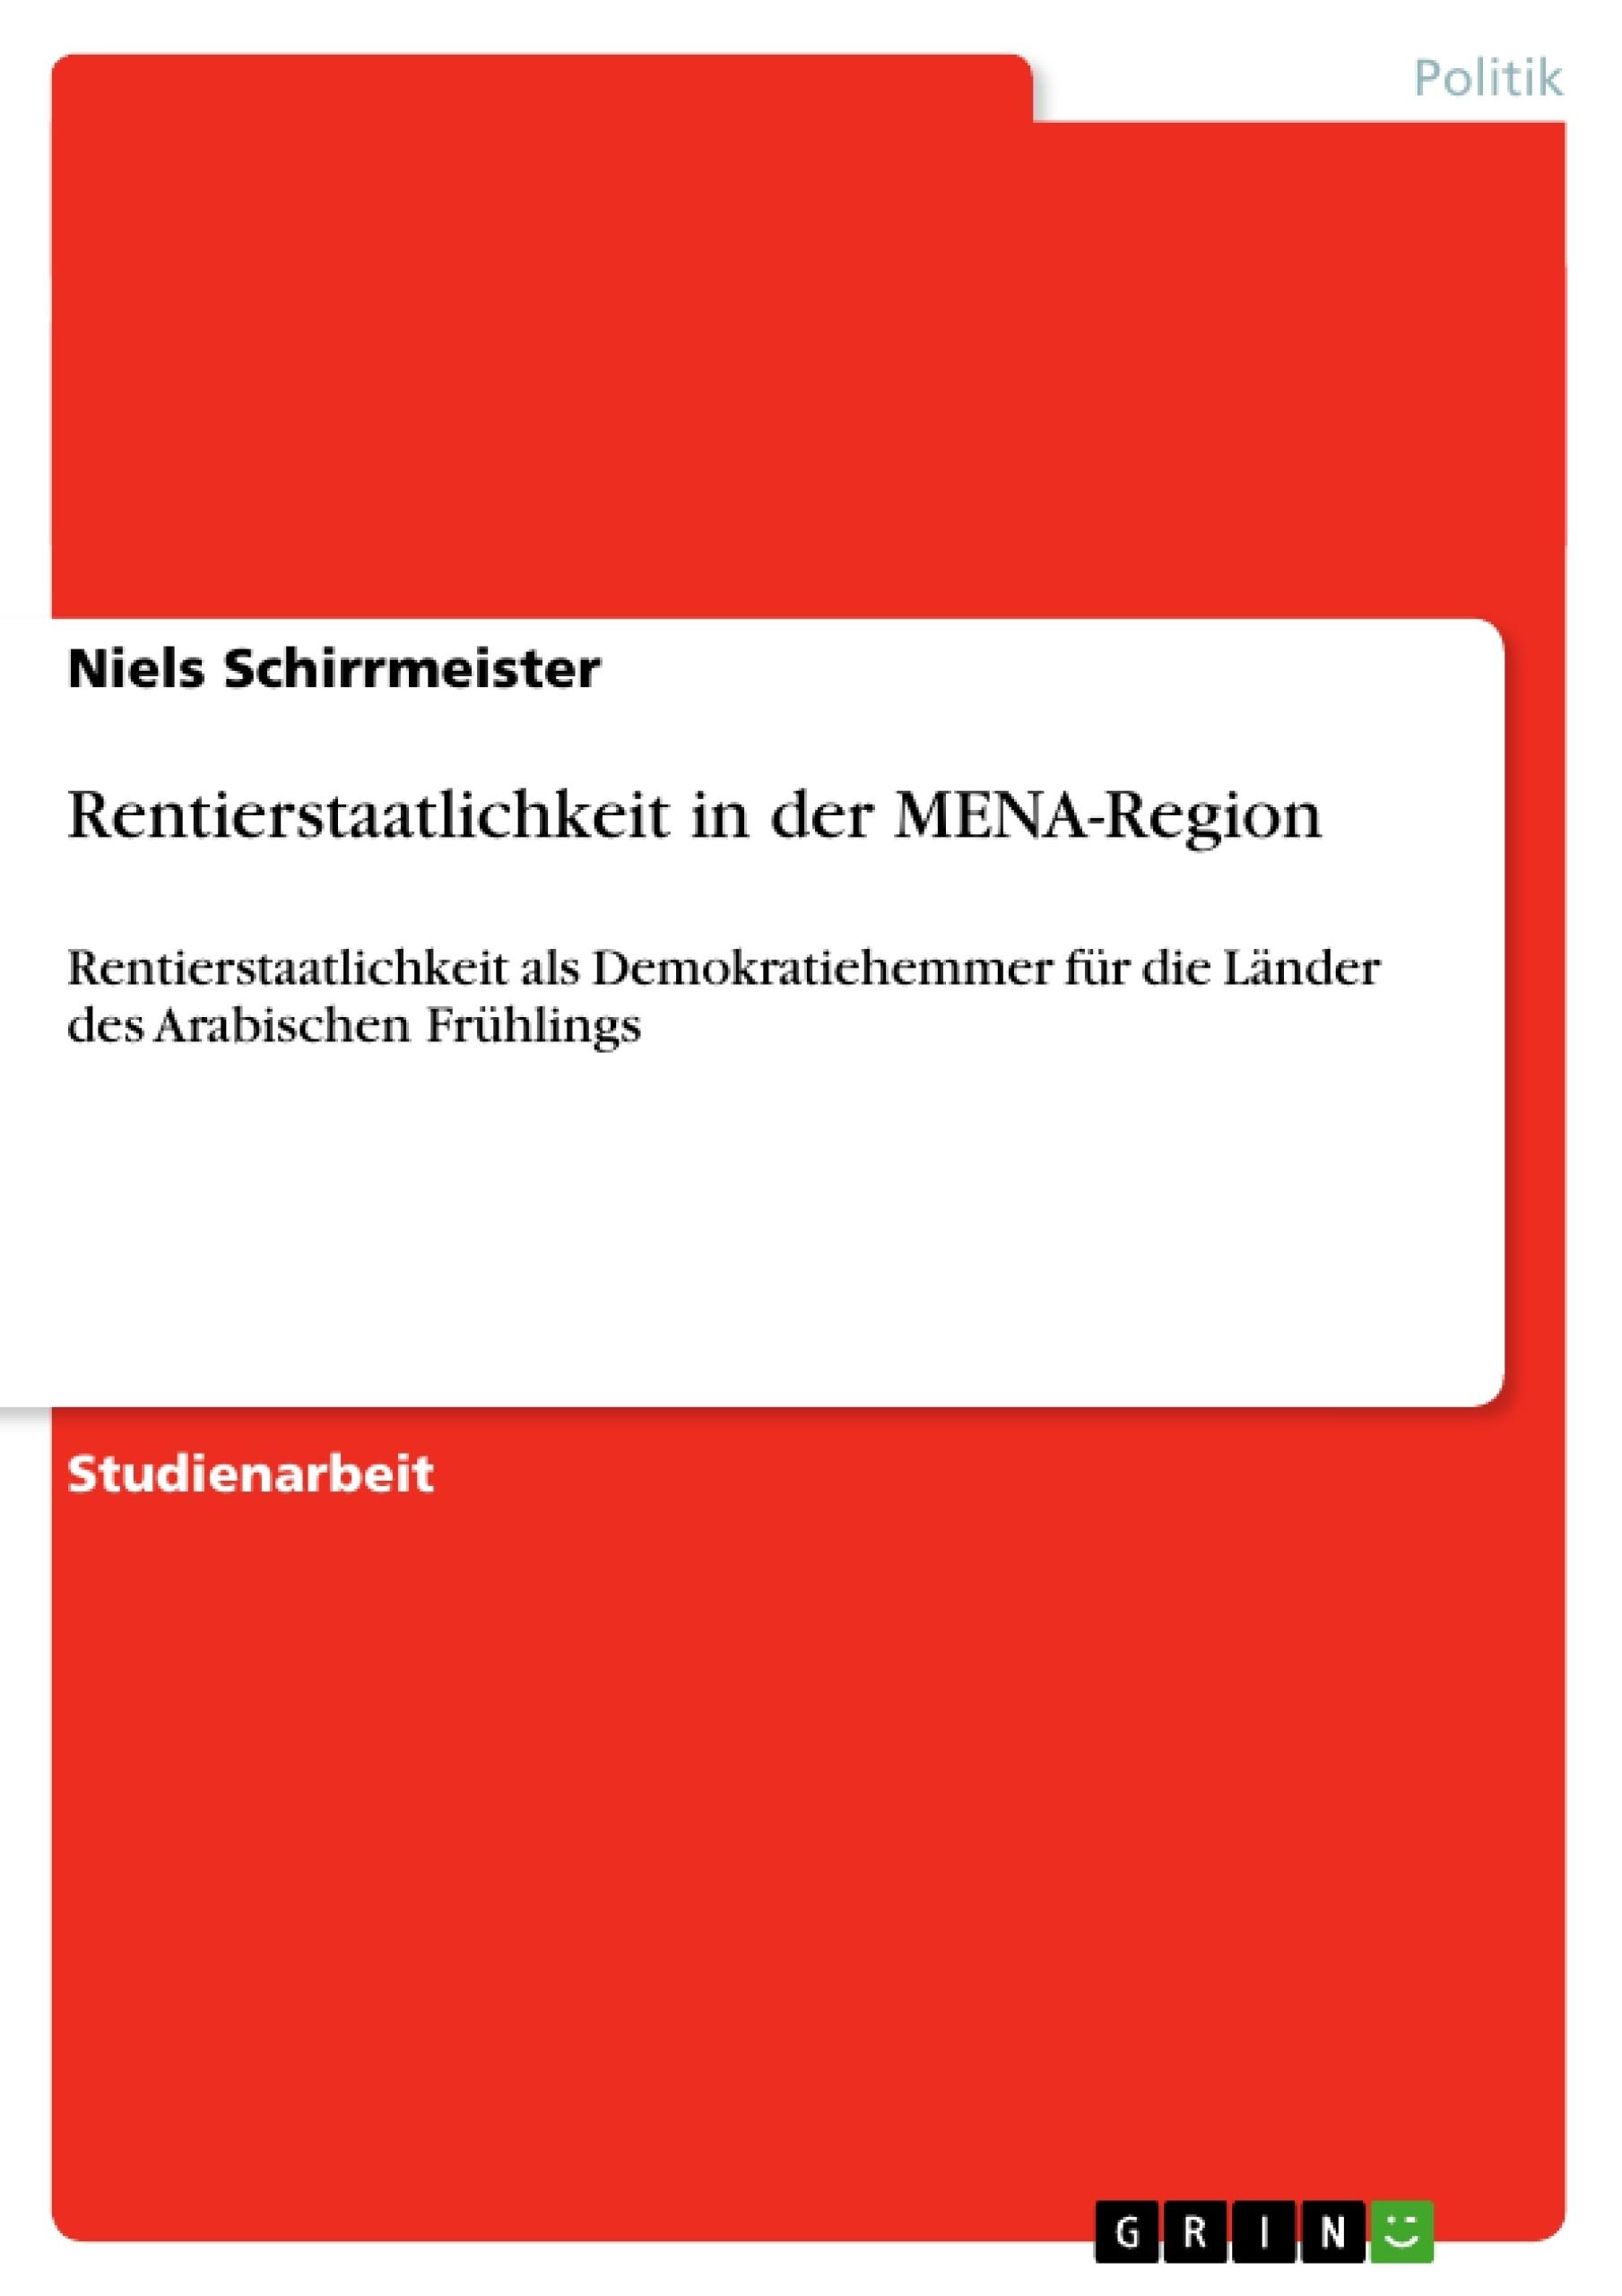 Titel: Rentierstaatlichkeit in der MENA-Region